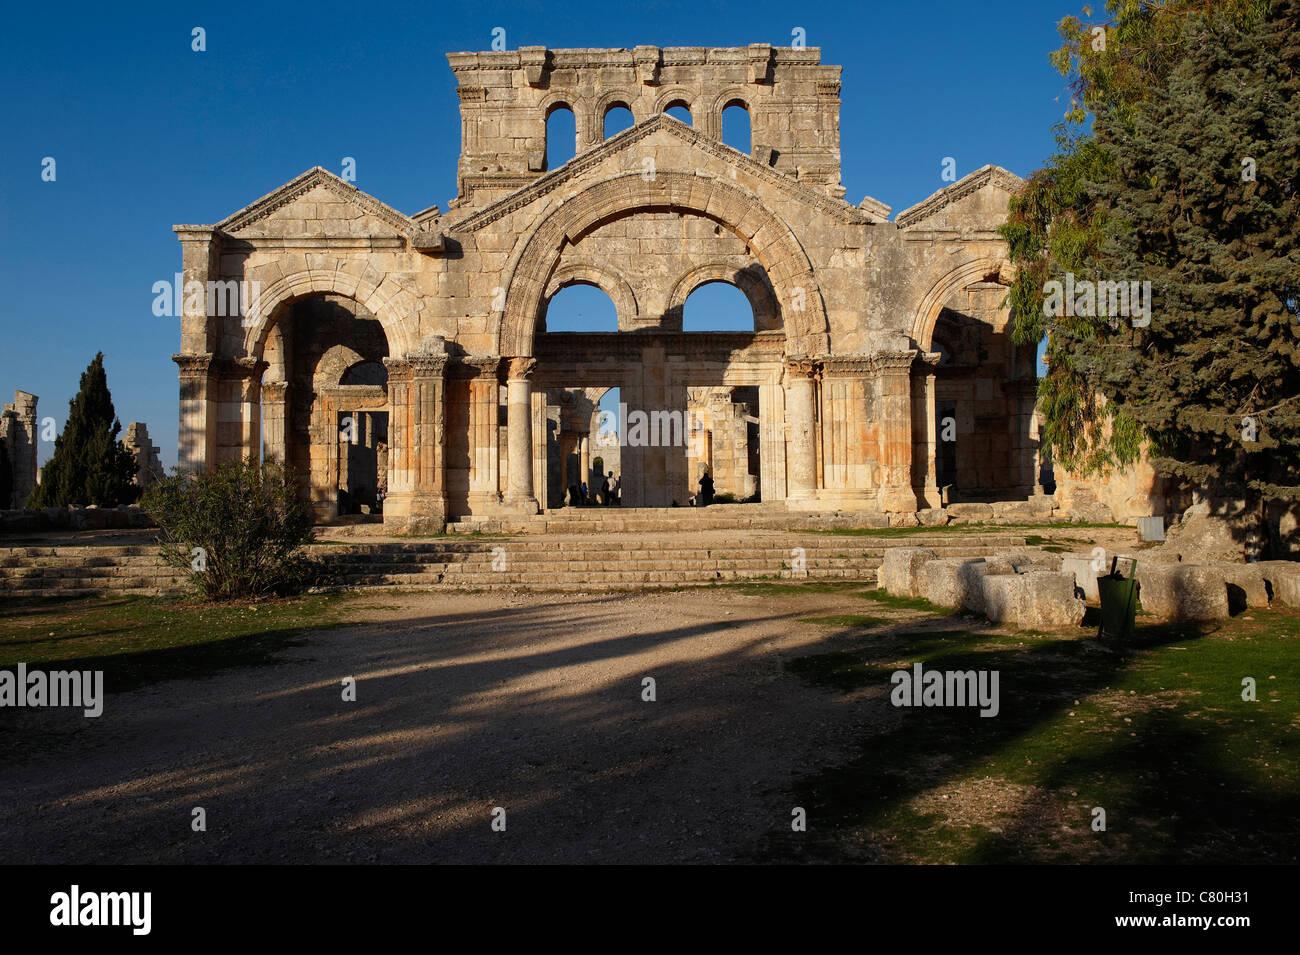 Syria, Qala'at Samaan, Saint Simeon Ruins. - Stock Image